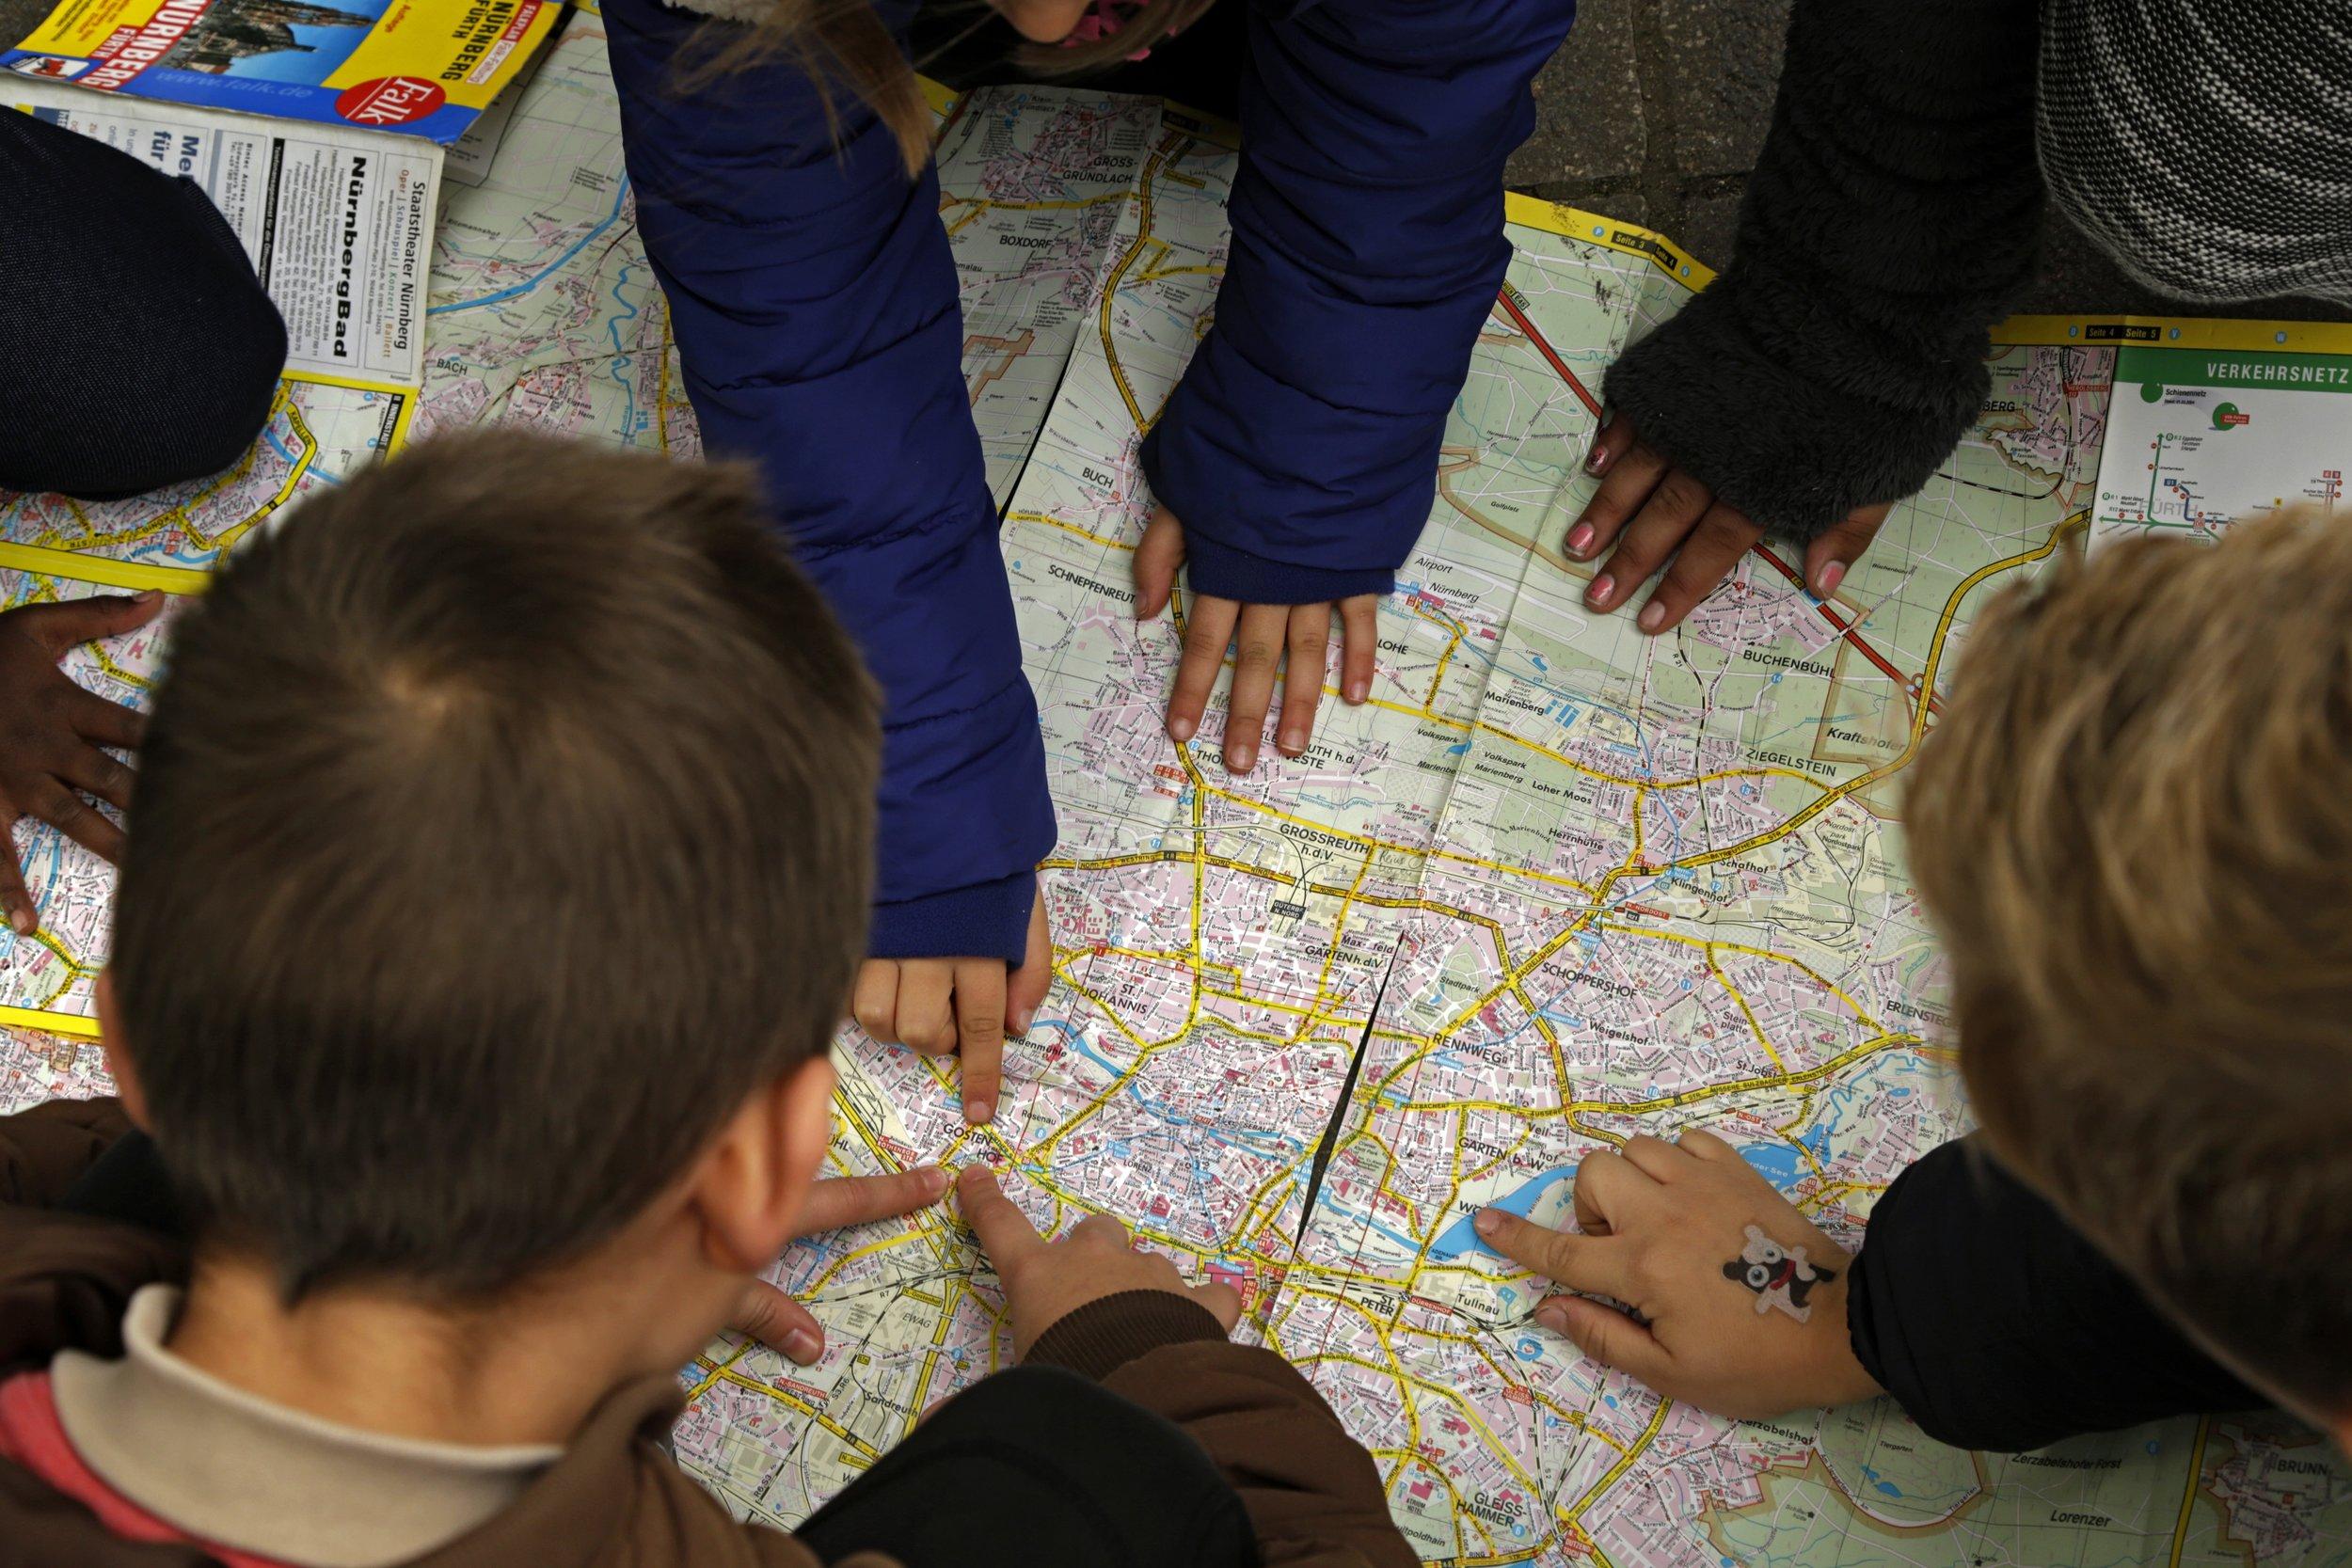 Bild aus dem Programm CHILDREN Entdecker (Kinderarmut): Kinder betrachten einen Stadtplan